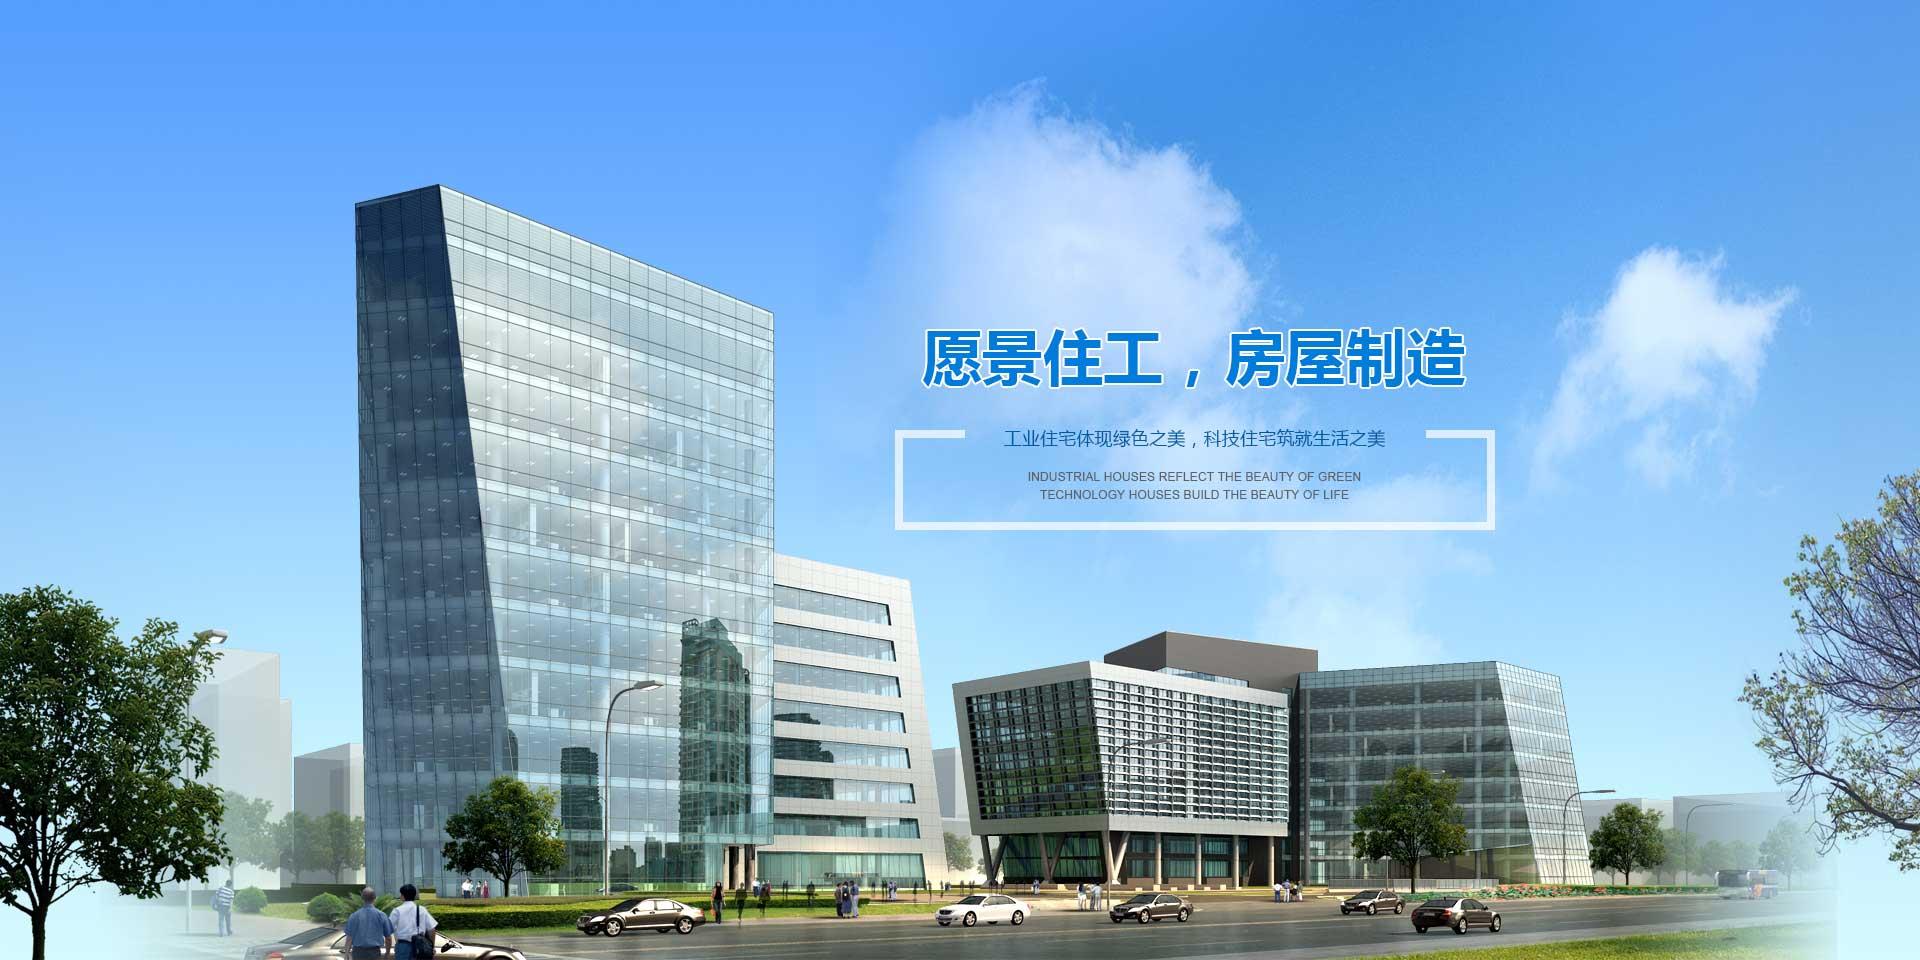 湖南愿景住宅工业科技有限公司